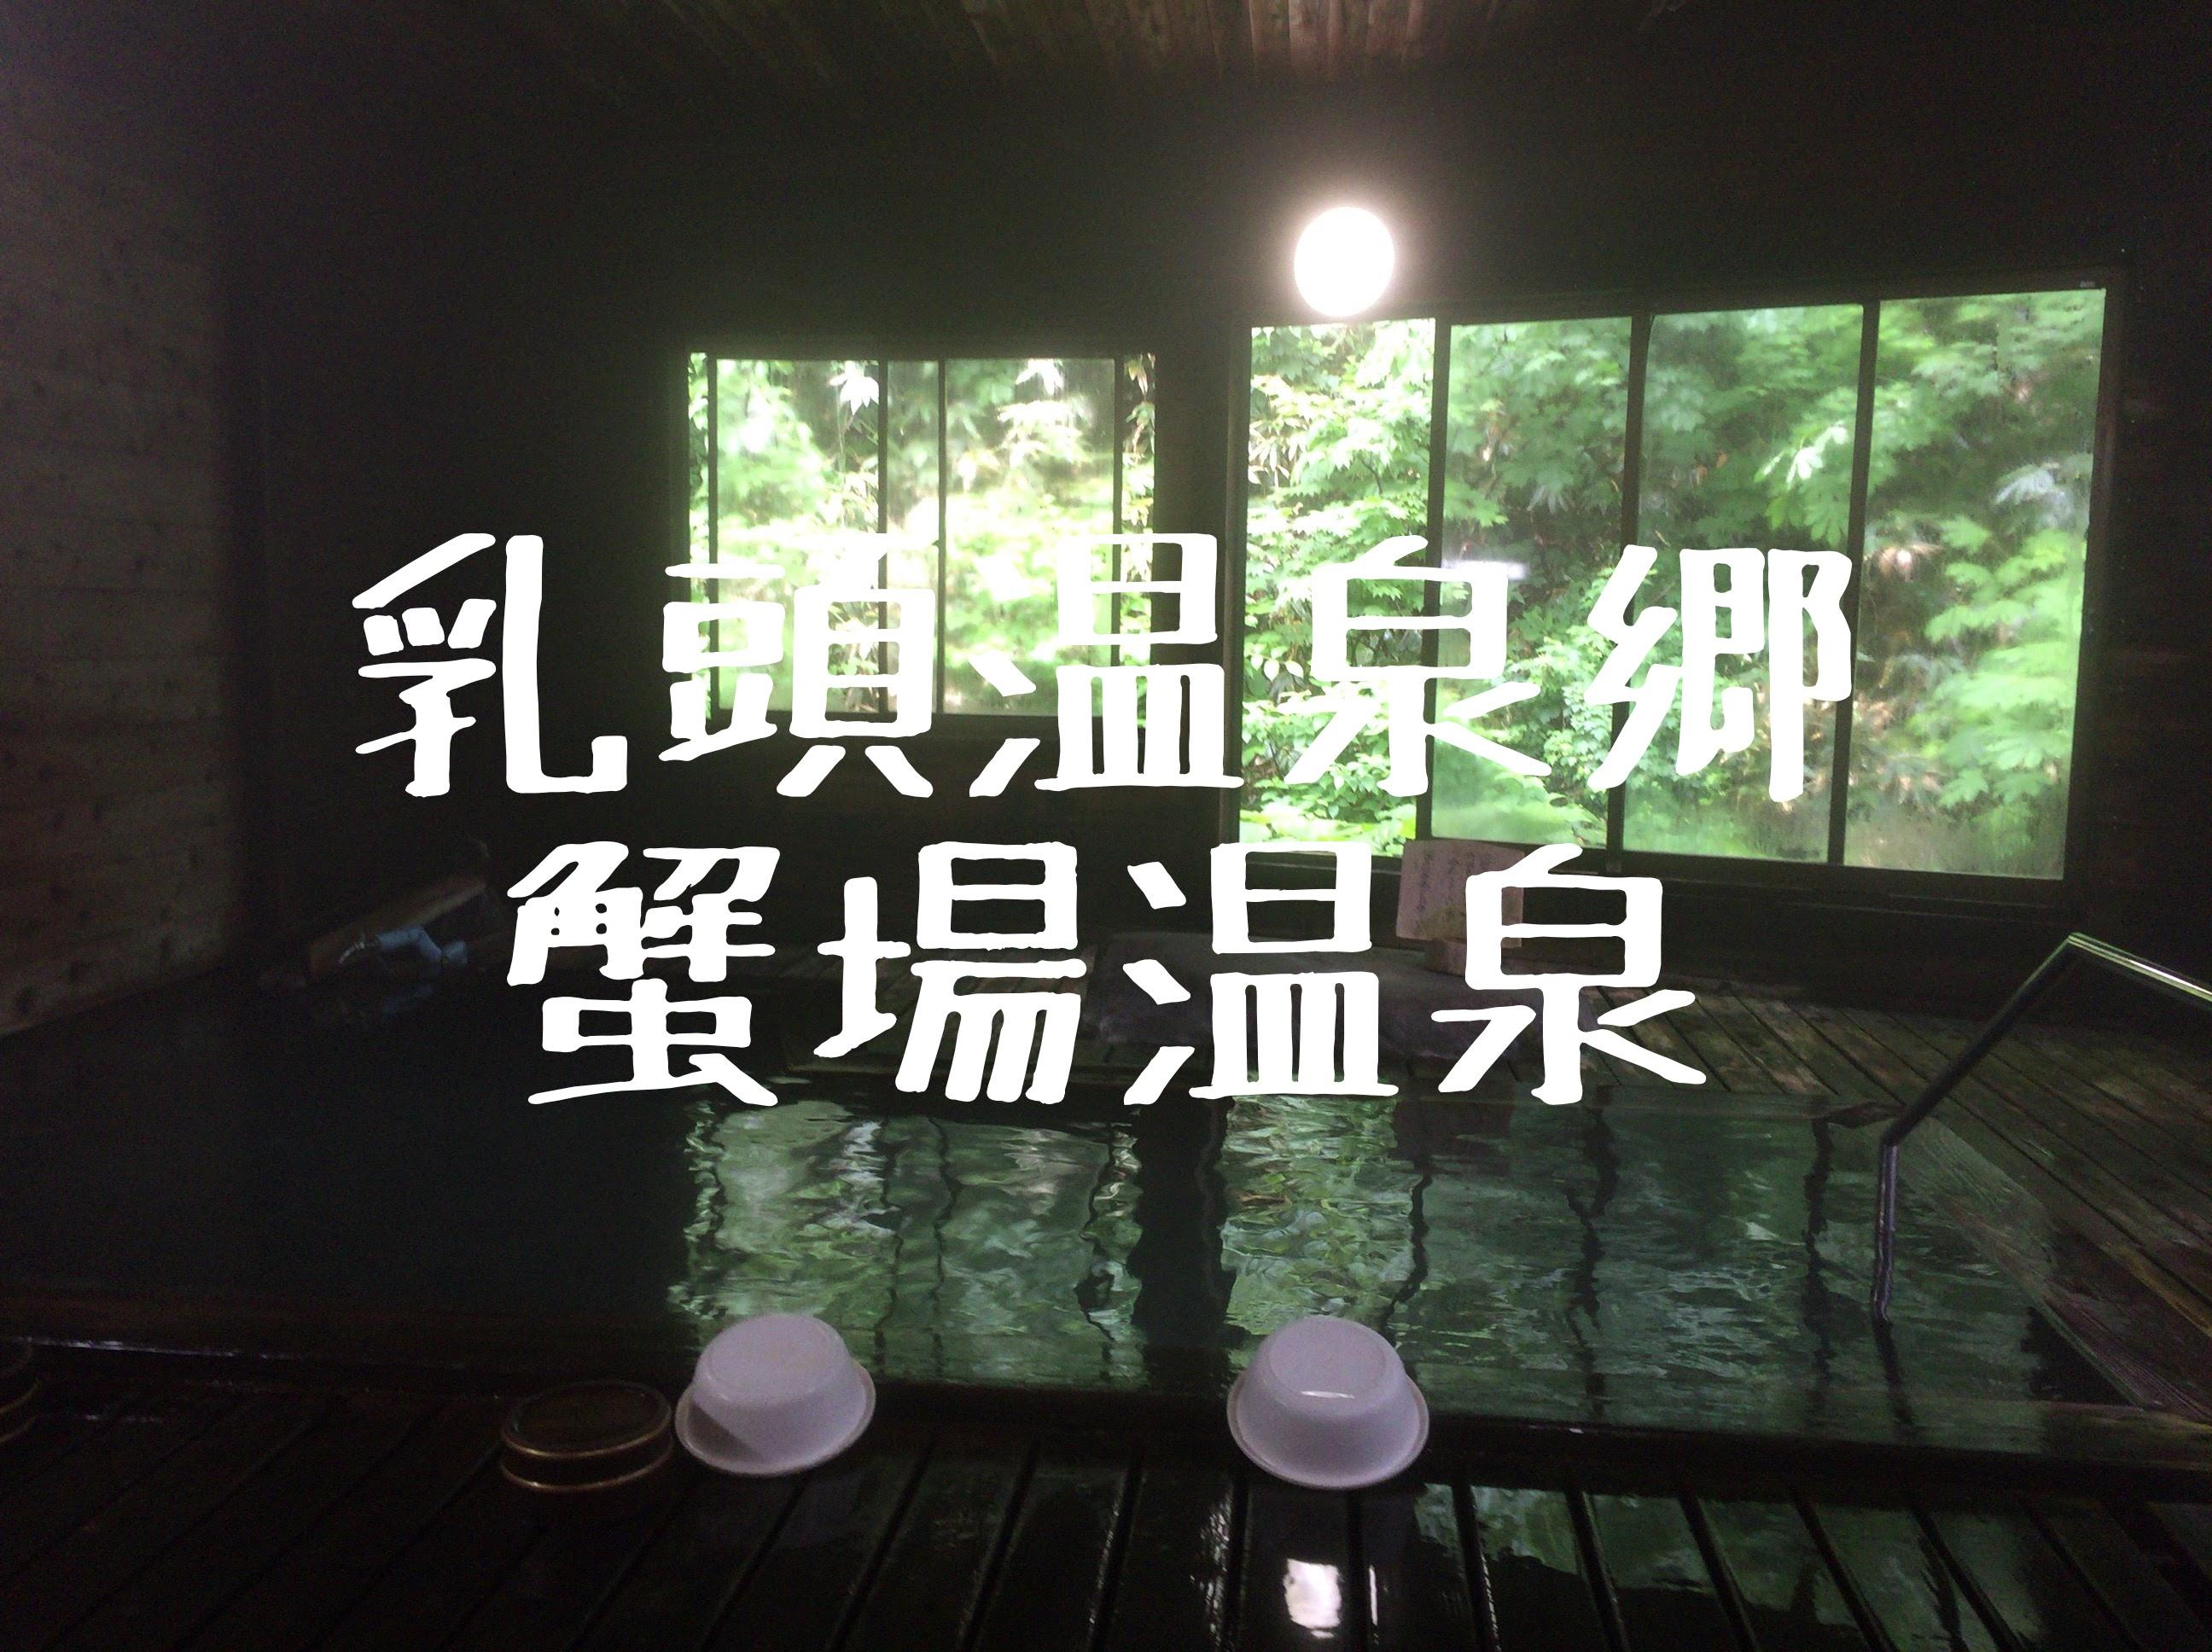 巨大混浴露天風呂が自慢の「乳頭温泉郷 蟹場温泉」を日帰り入浴で堪能。